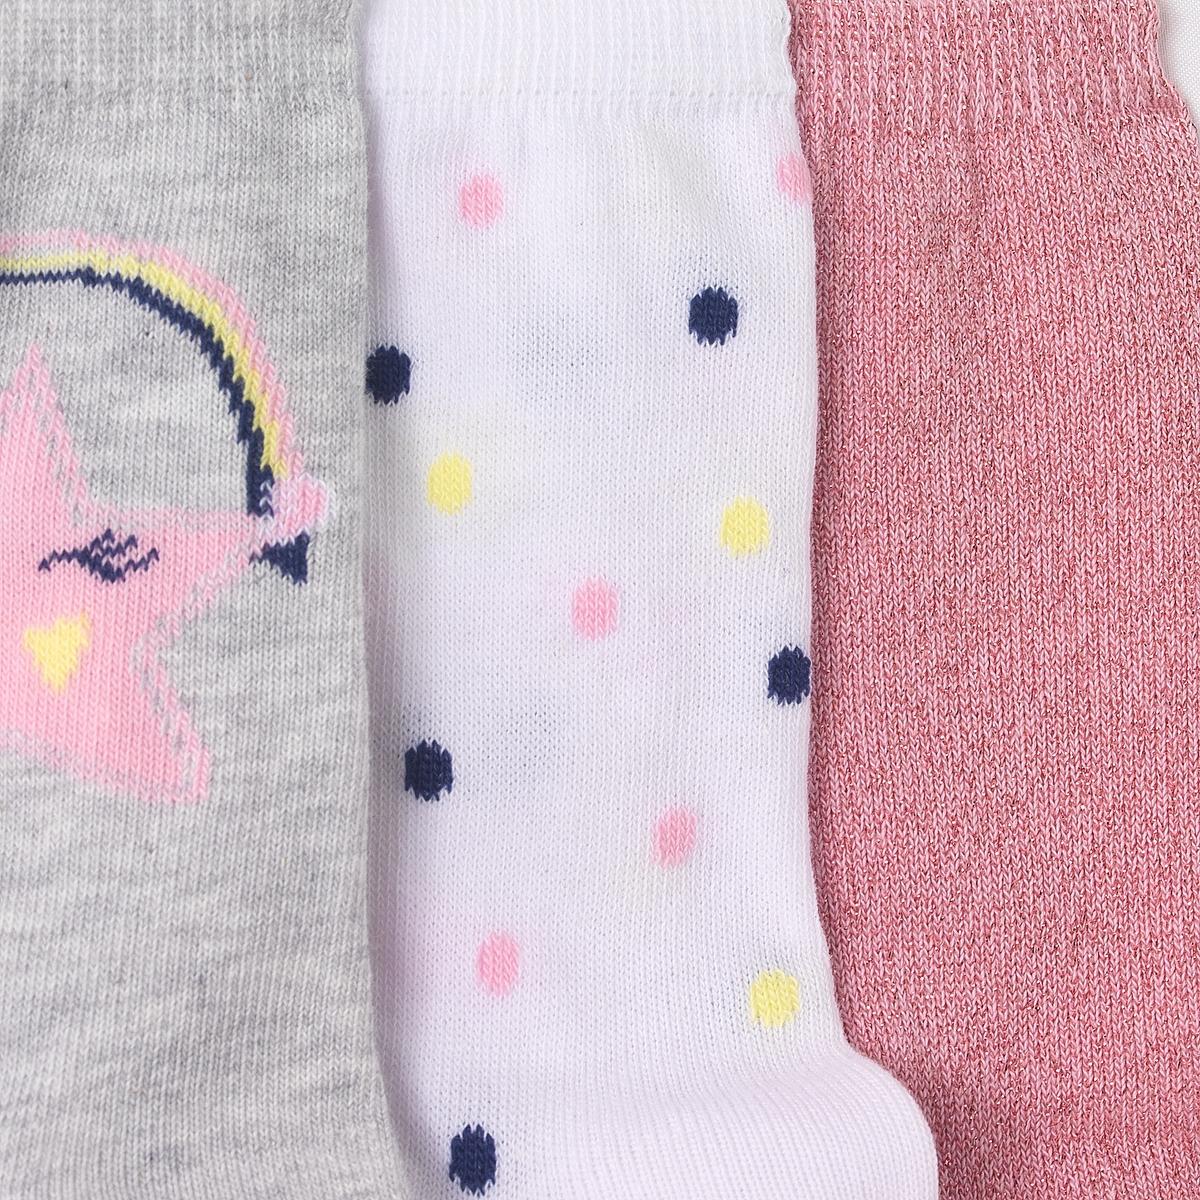 Носки высокие (3 пары),  3-12 летКомплект из 3 пар оригинальных носков: 1 с рисунком звезды + 1 в горох + 1 пара с блестящим эффектом. Состав и описание : Материал: 74% хлопка (включая металлизированные волокна), 25% полиамида, 1% эластанаМарка         abcdRУход :Ручная стиркаМашинная сушка запрещенаНе гладить<br><br>Цвет: набивной рисунок<br>Размер: 19/22.35/38.23/26